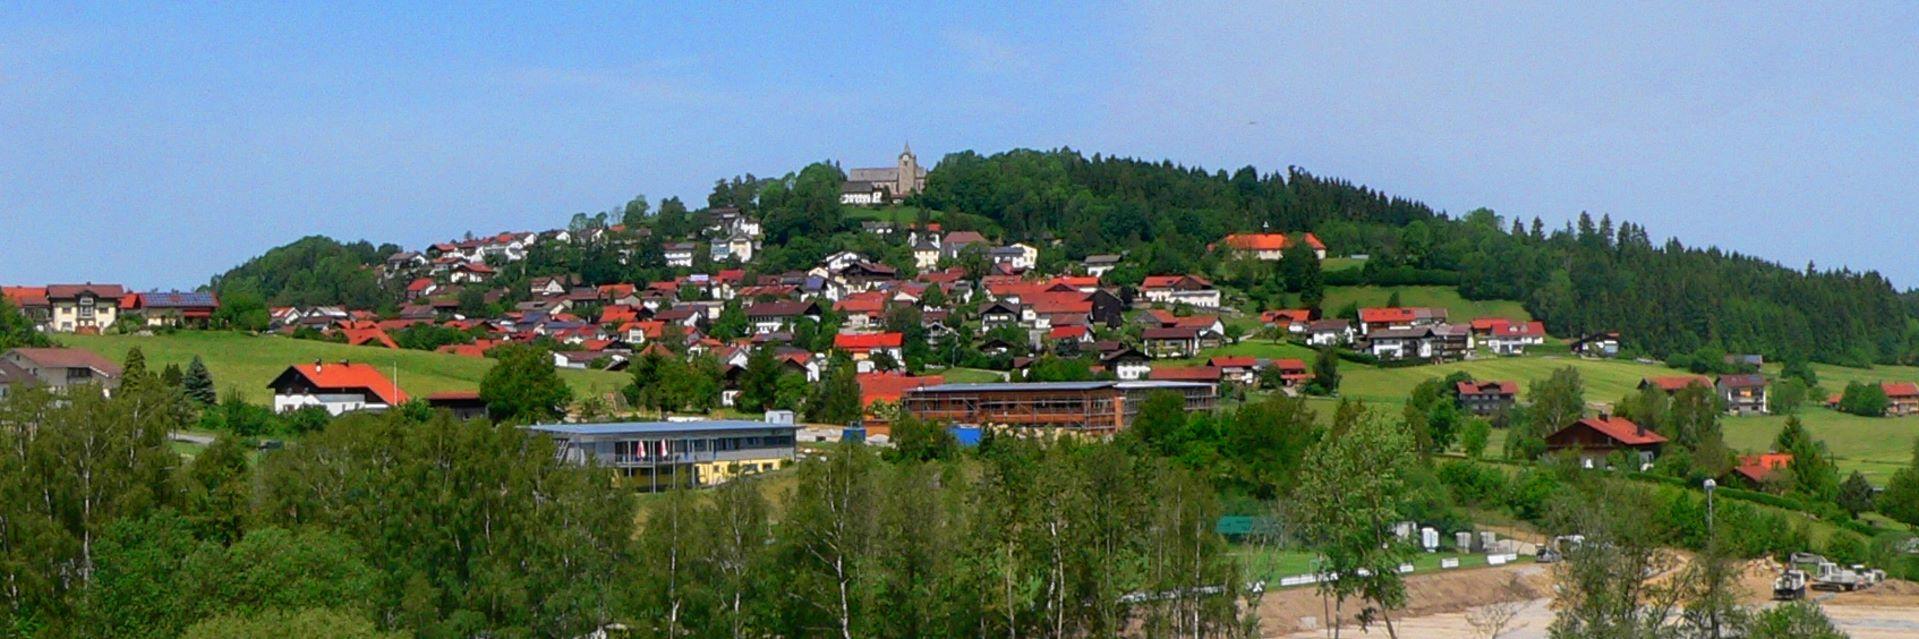 urlaub-kirchberg-im-wald-ferienort-unterkunft-ortsansicht